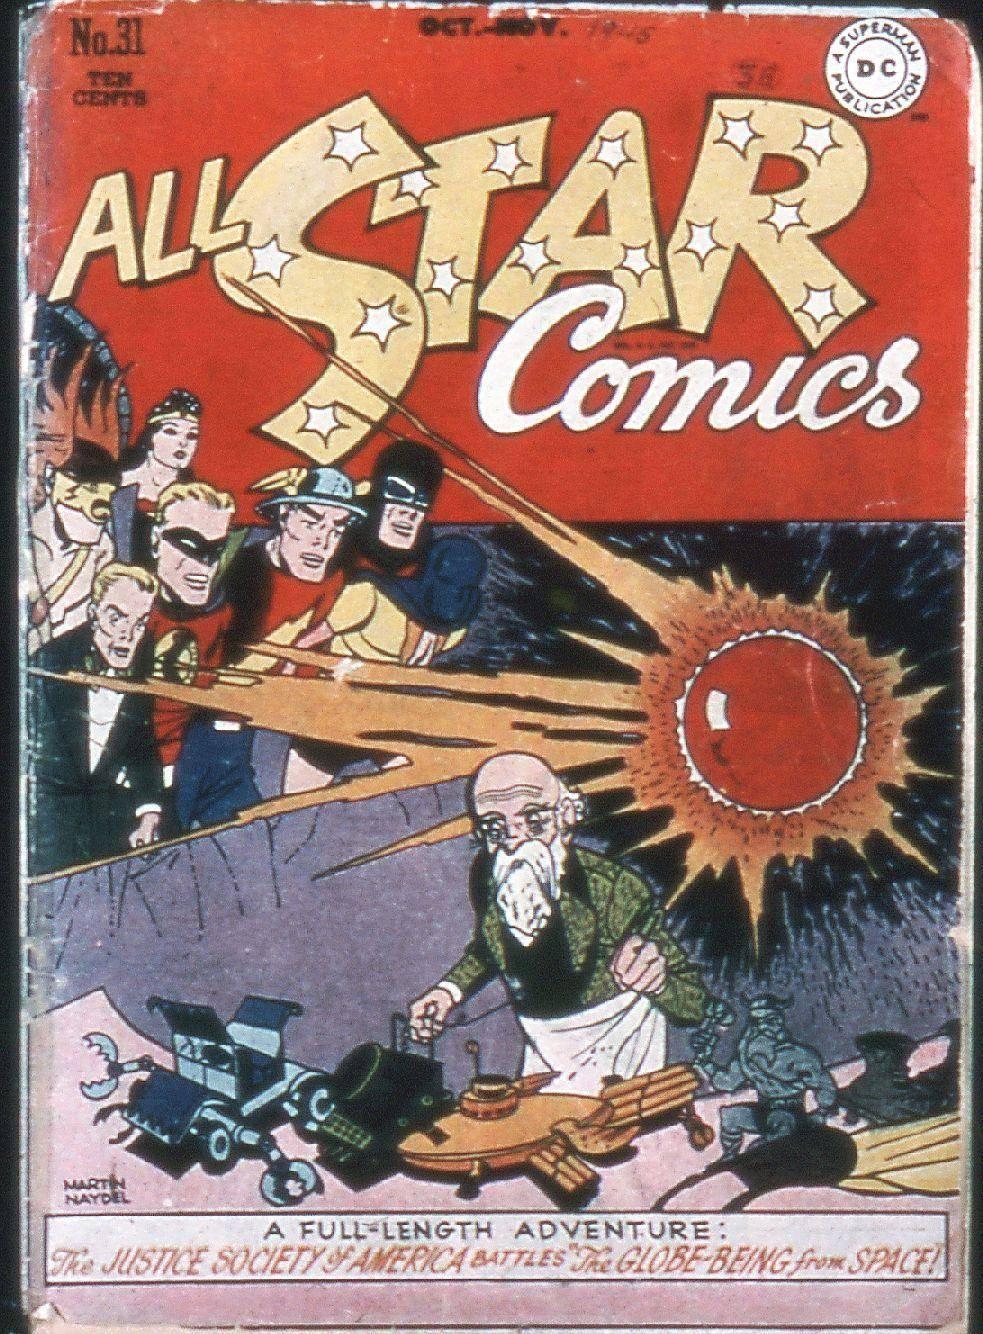 All-Star Comics 031F 1946 Darkmark DCP